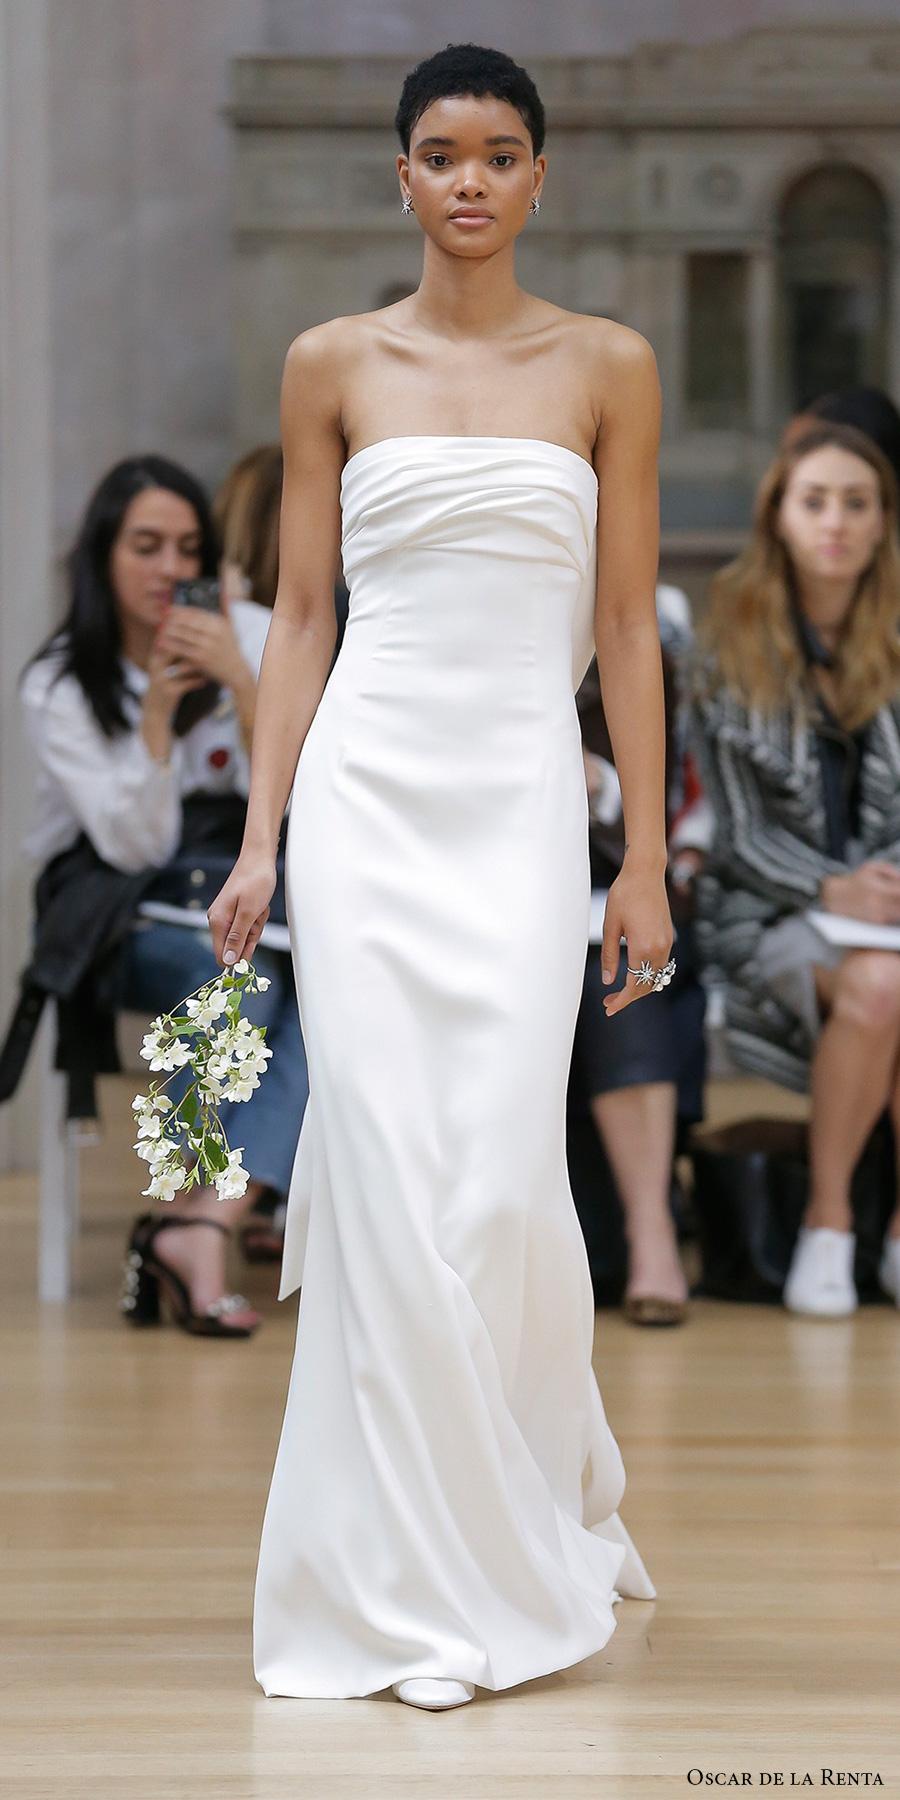 Oscar De La Renta Wedding Dresses Price 67 New oscar de la renta